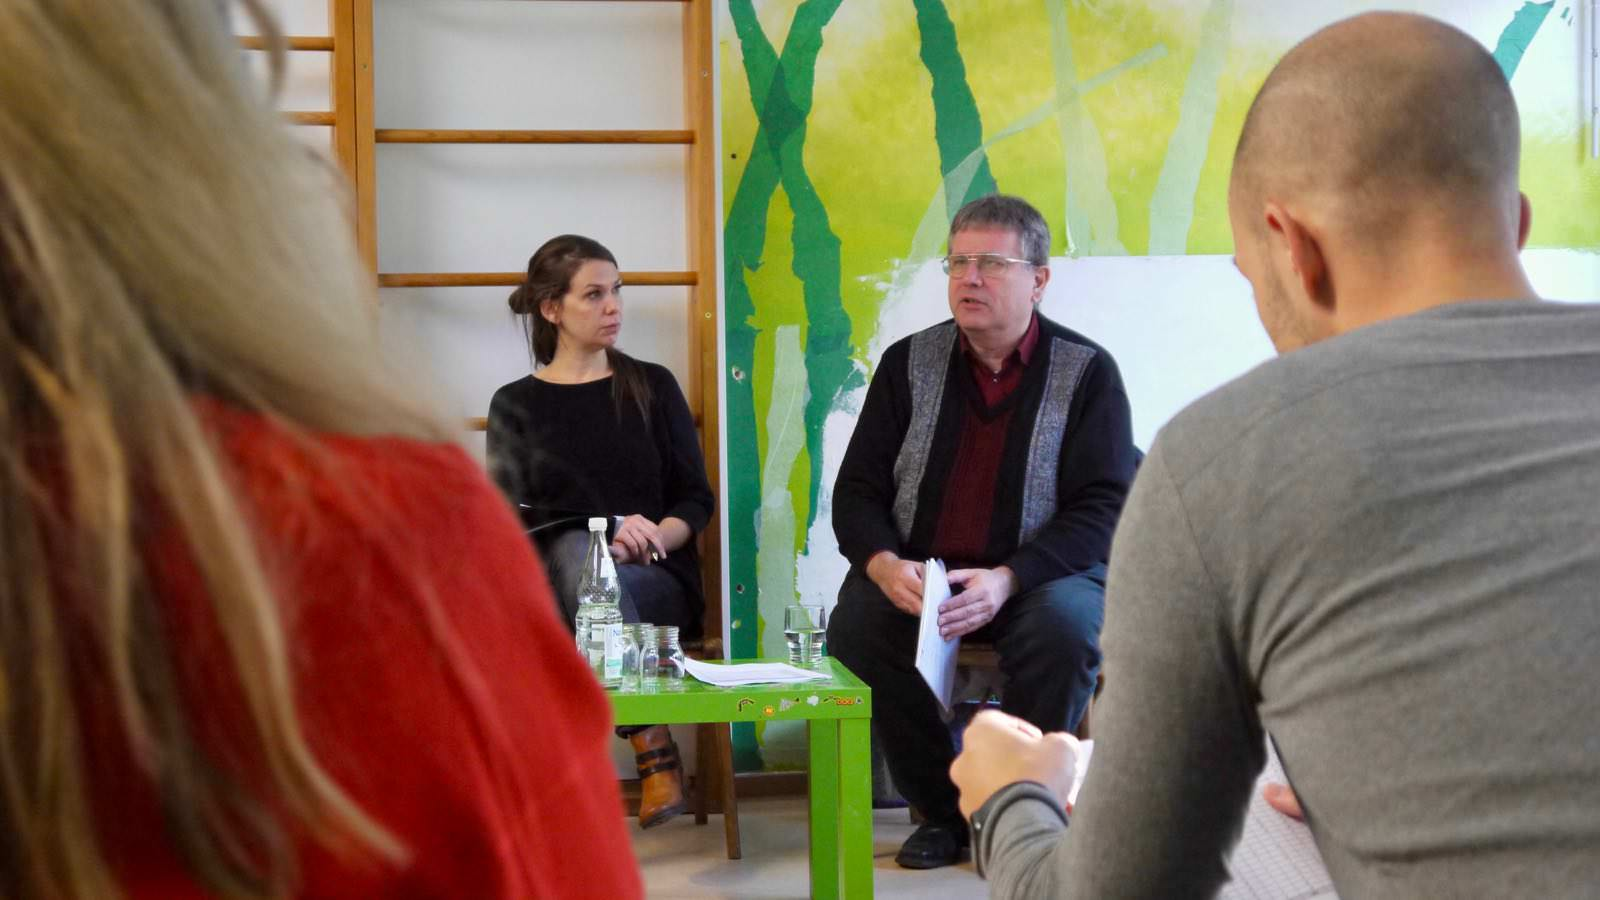 Bezirksbeirätin Stefanie Heß und Stadtrat Raymond Fojkar (beide Grüne) führten durch die Gesprächs- und Informationsveranstaltung für Familien | Foto: M. Schülke